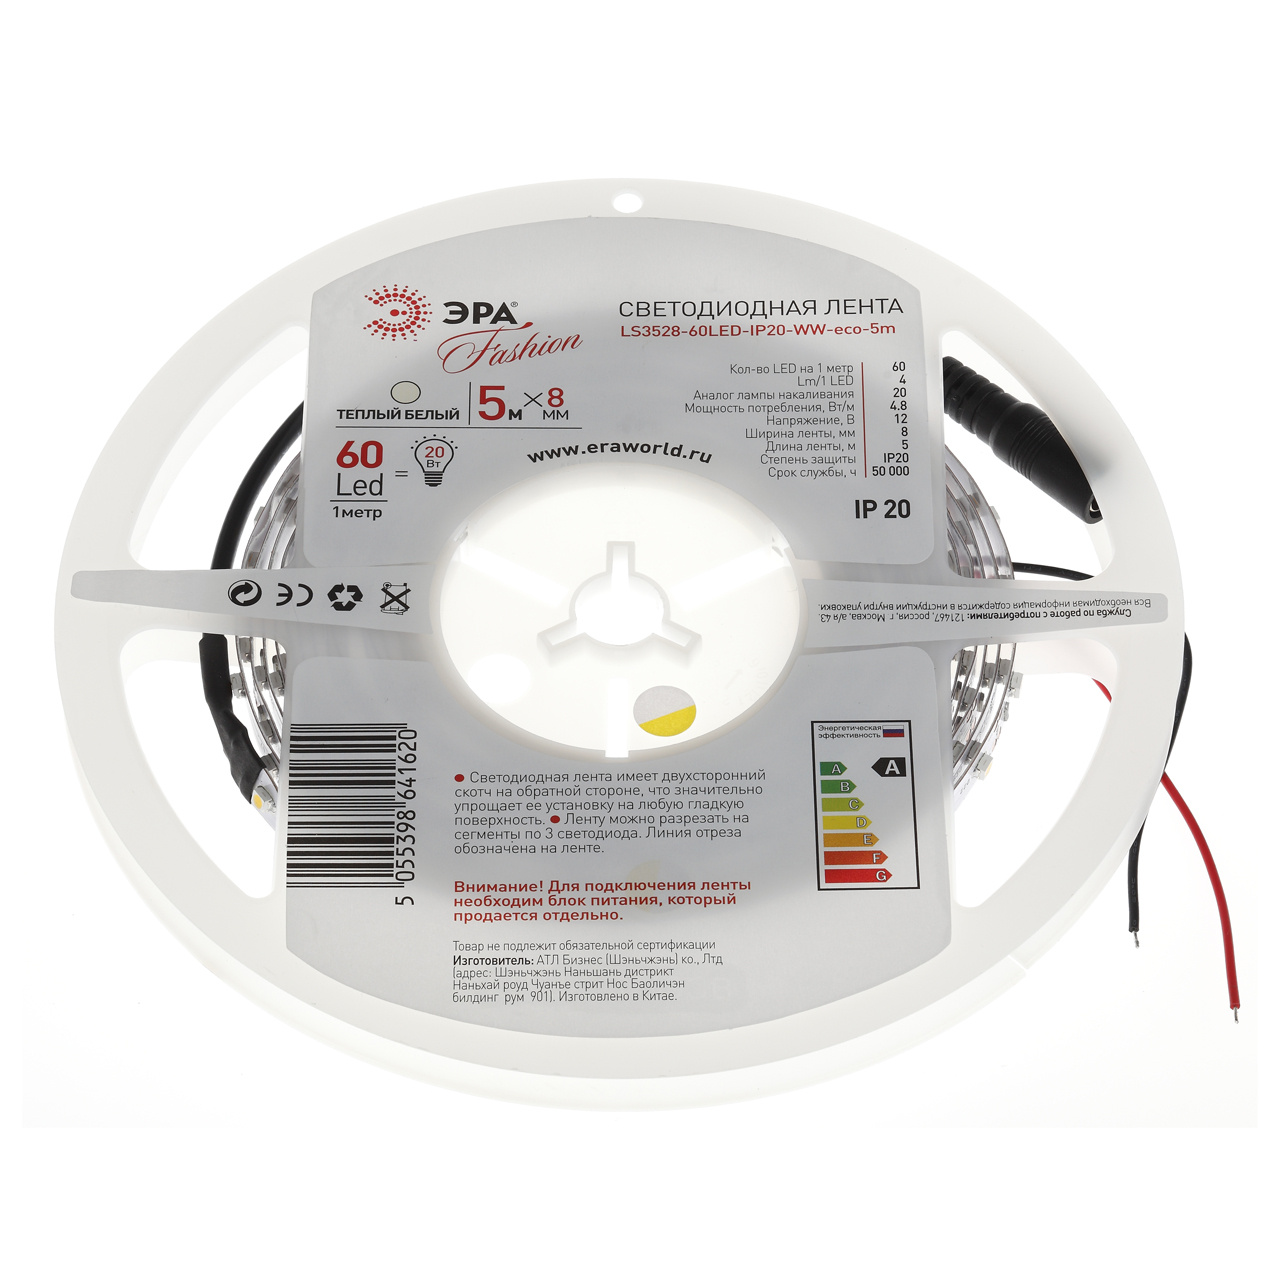 Светодиодная лента ЭРА 4,8W/m 60LED/m 3528SMD теплый белый 5M LS3528-60LED-IP20-WW-eco-5m